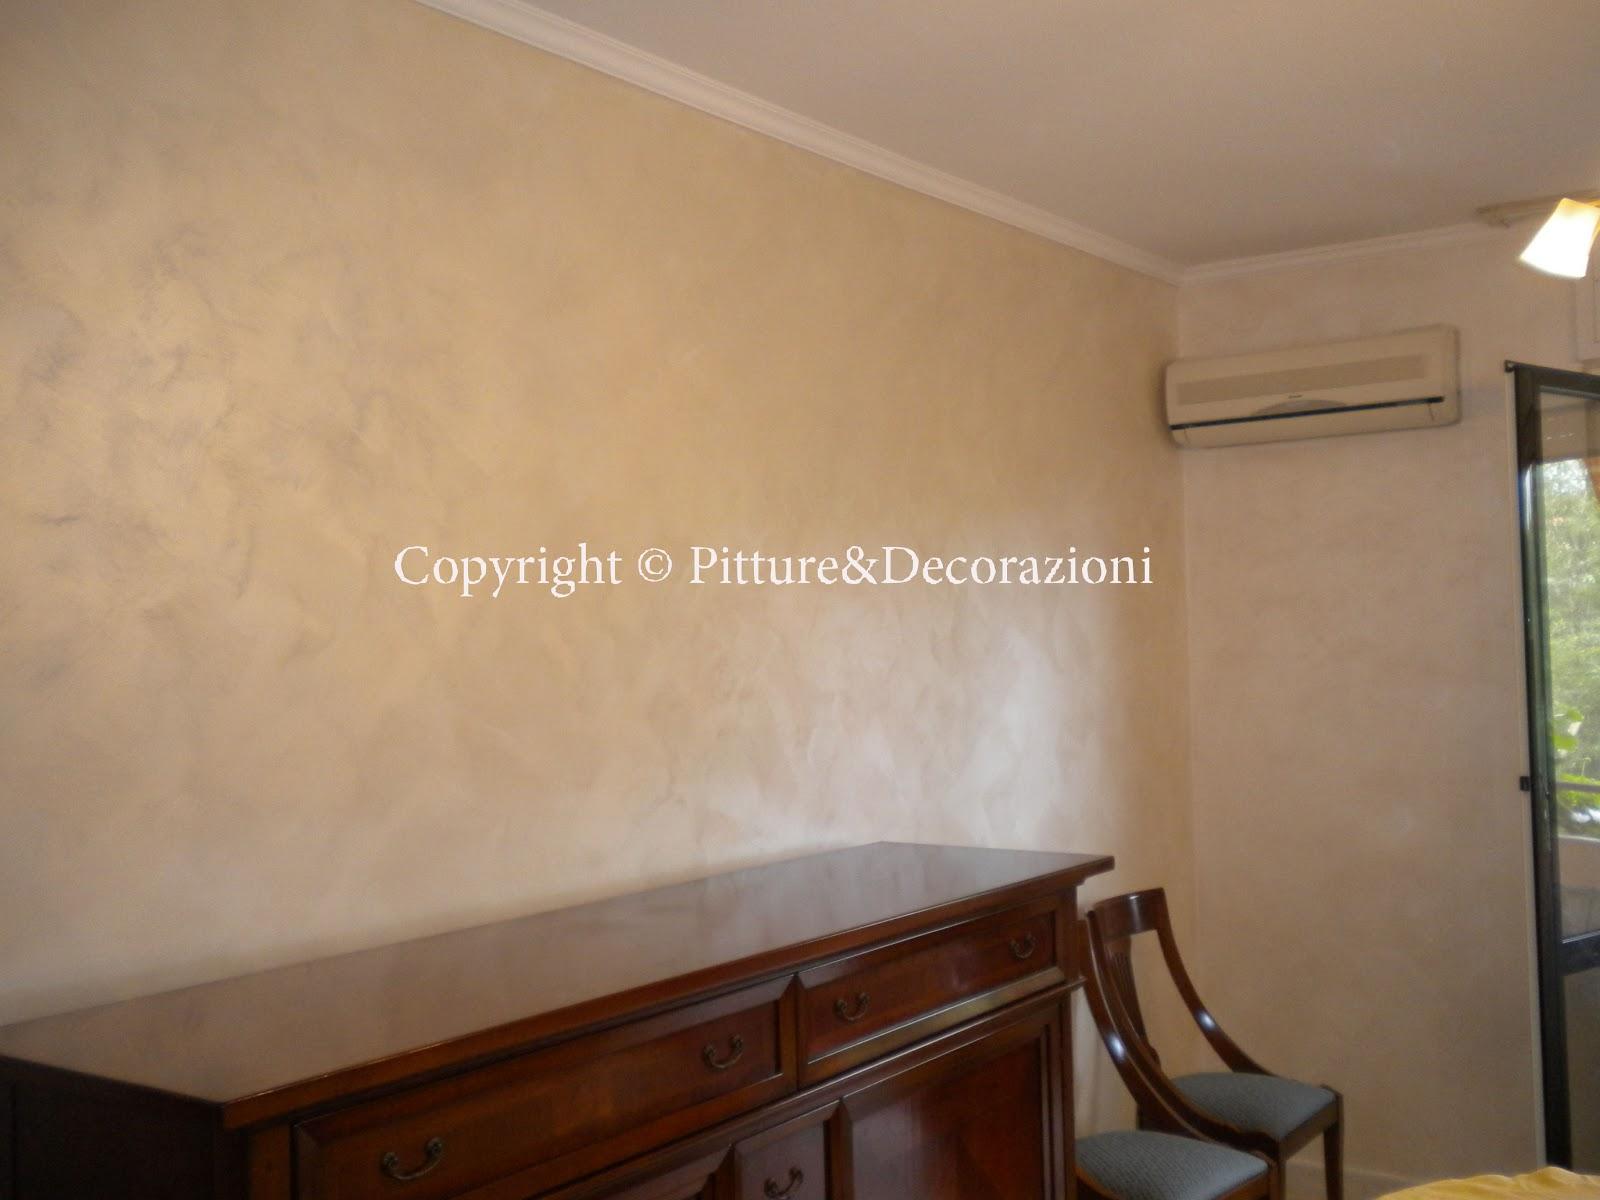 """Pitture&Decorazioni: """"GIOIA"""""""